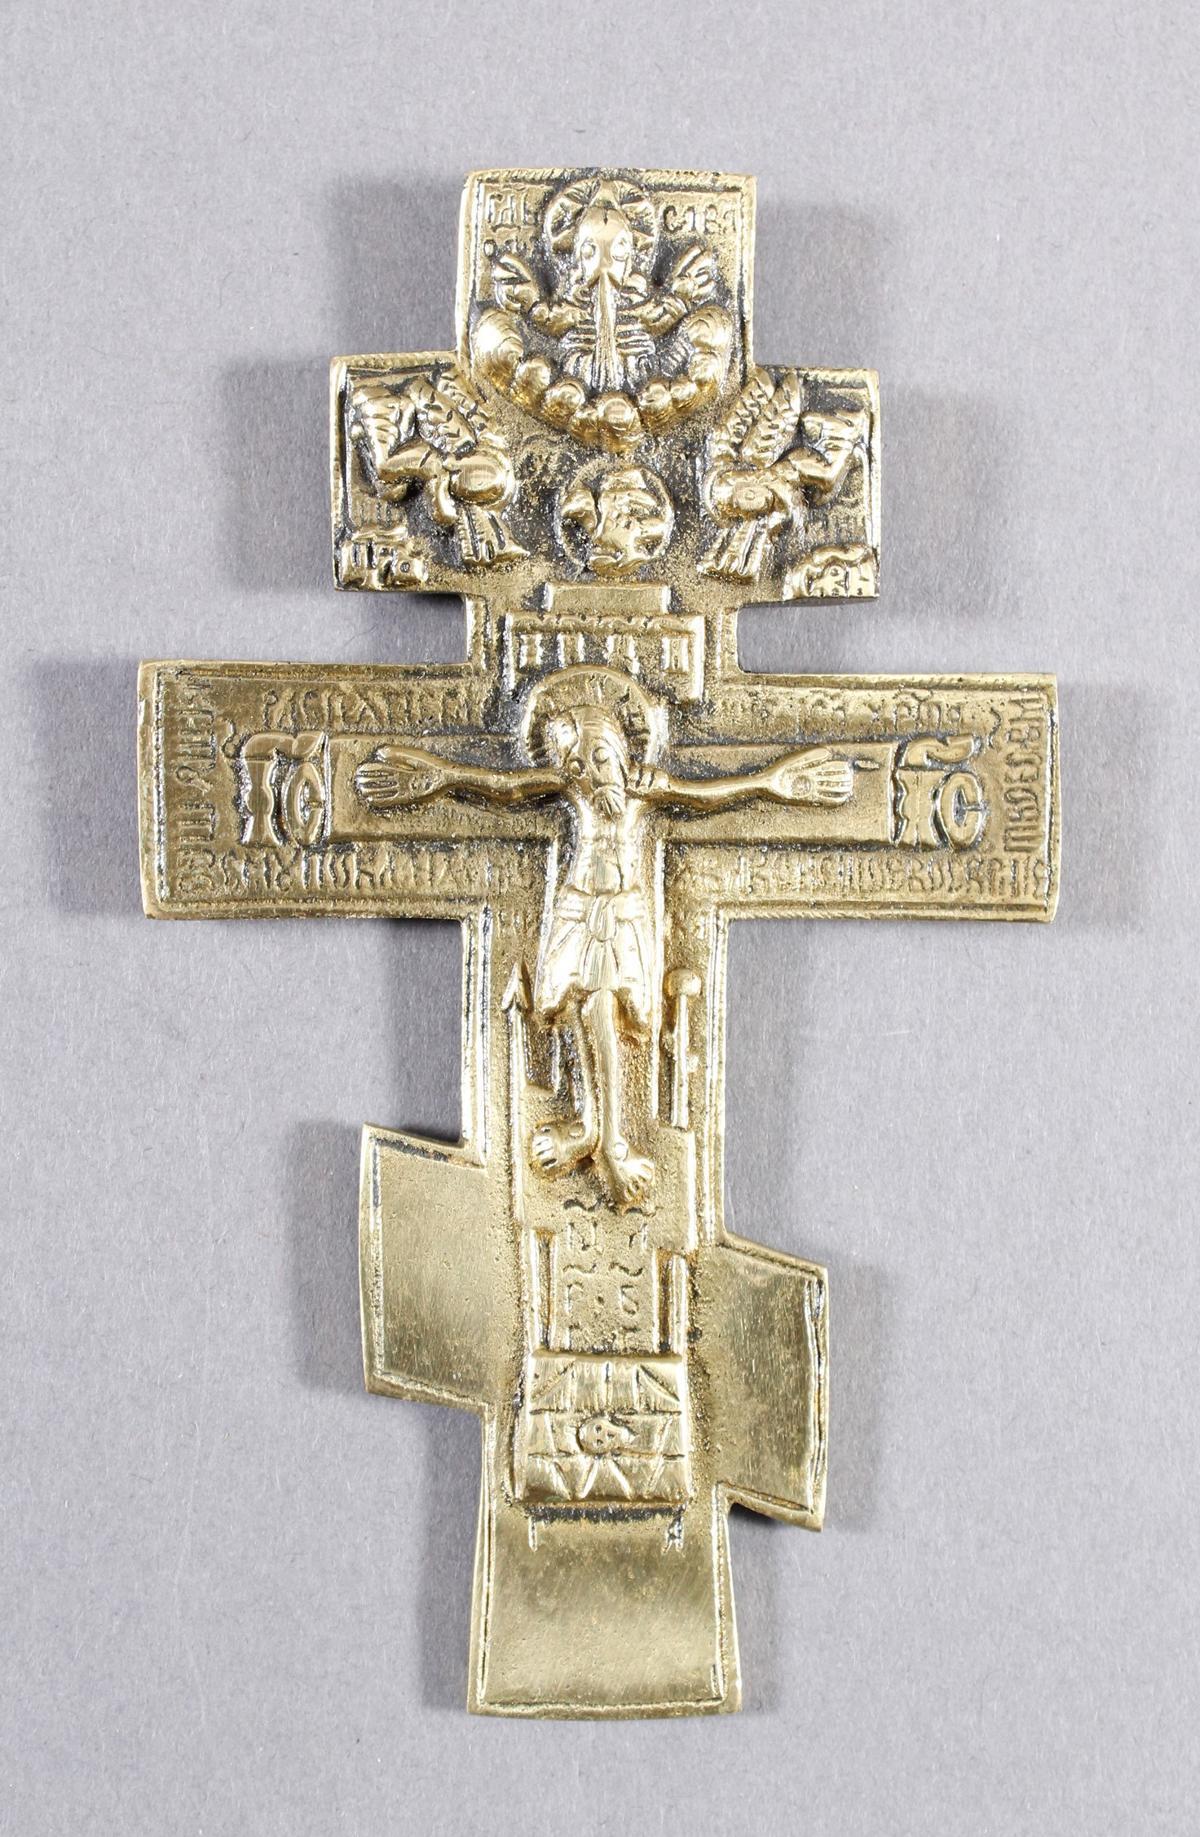 Kleines Messing Vorhaltekreuz, Russland 20. Jahrhundert